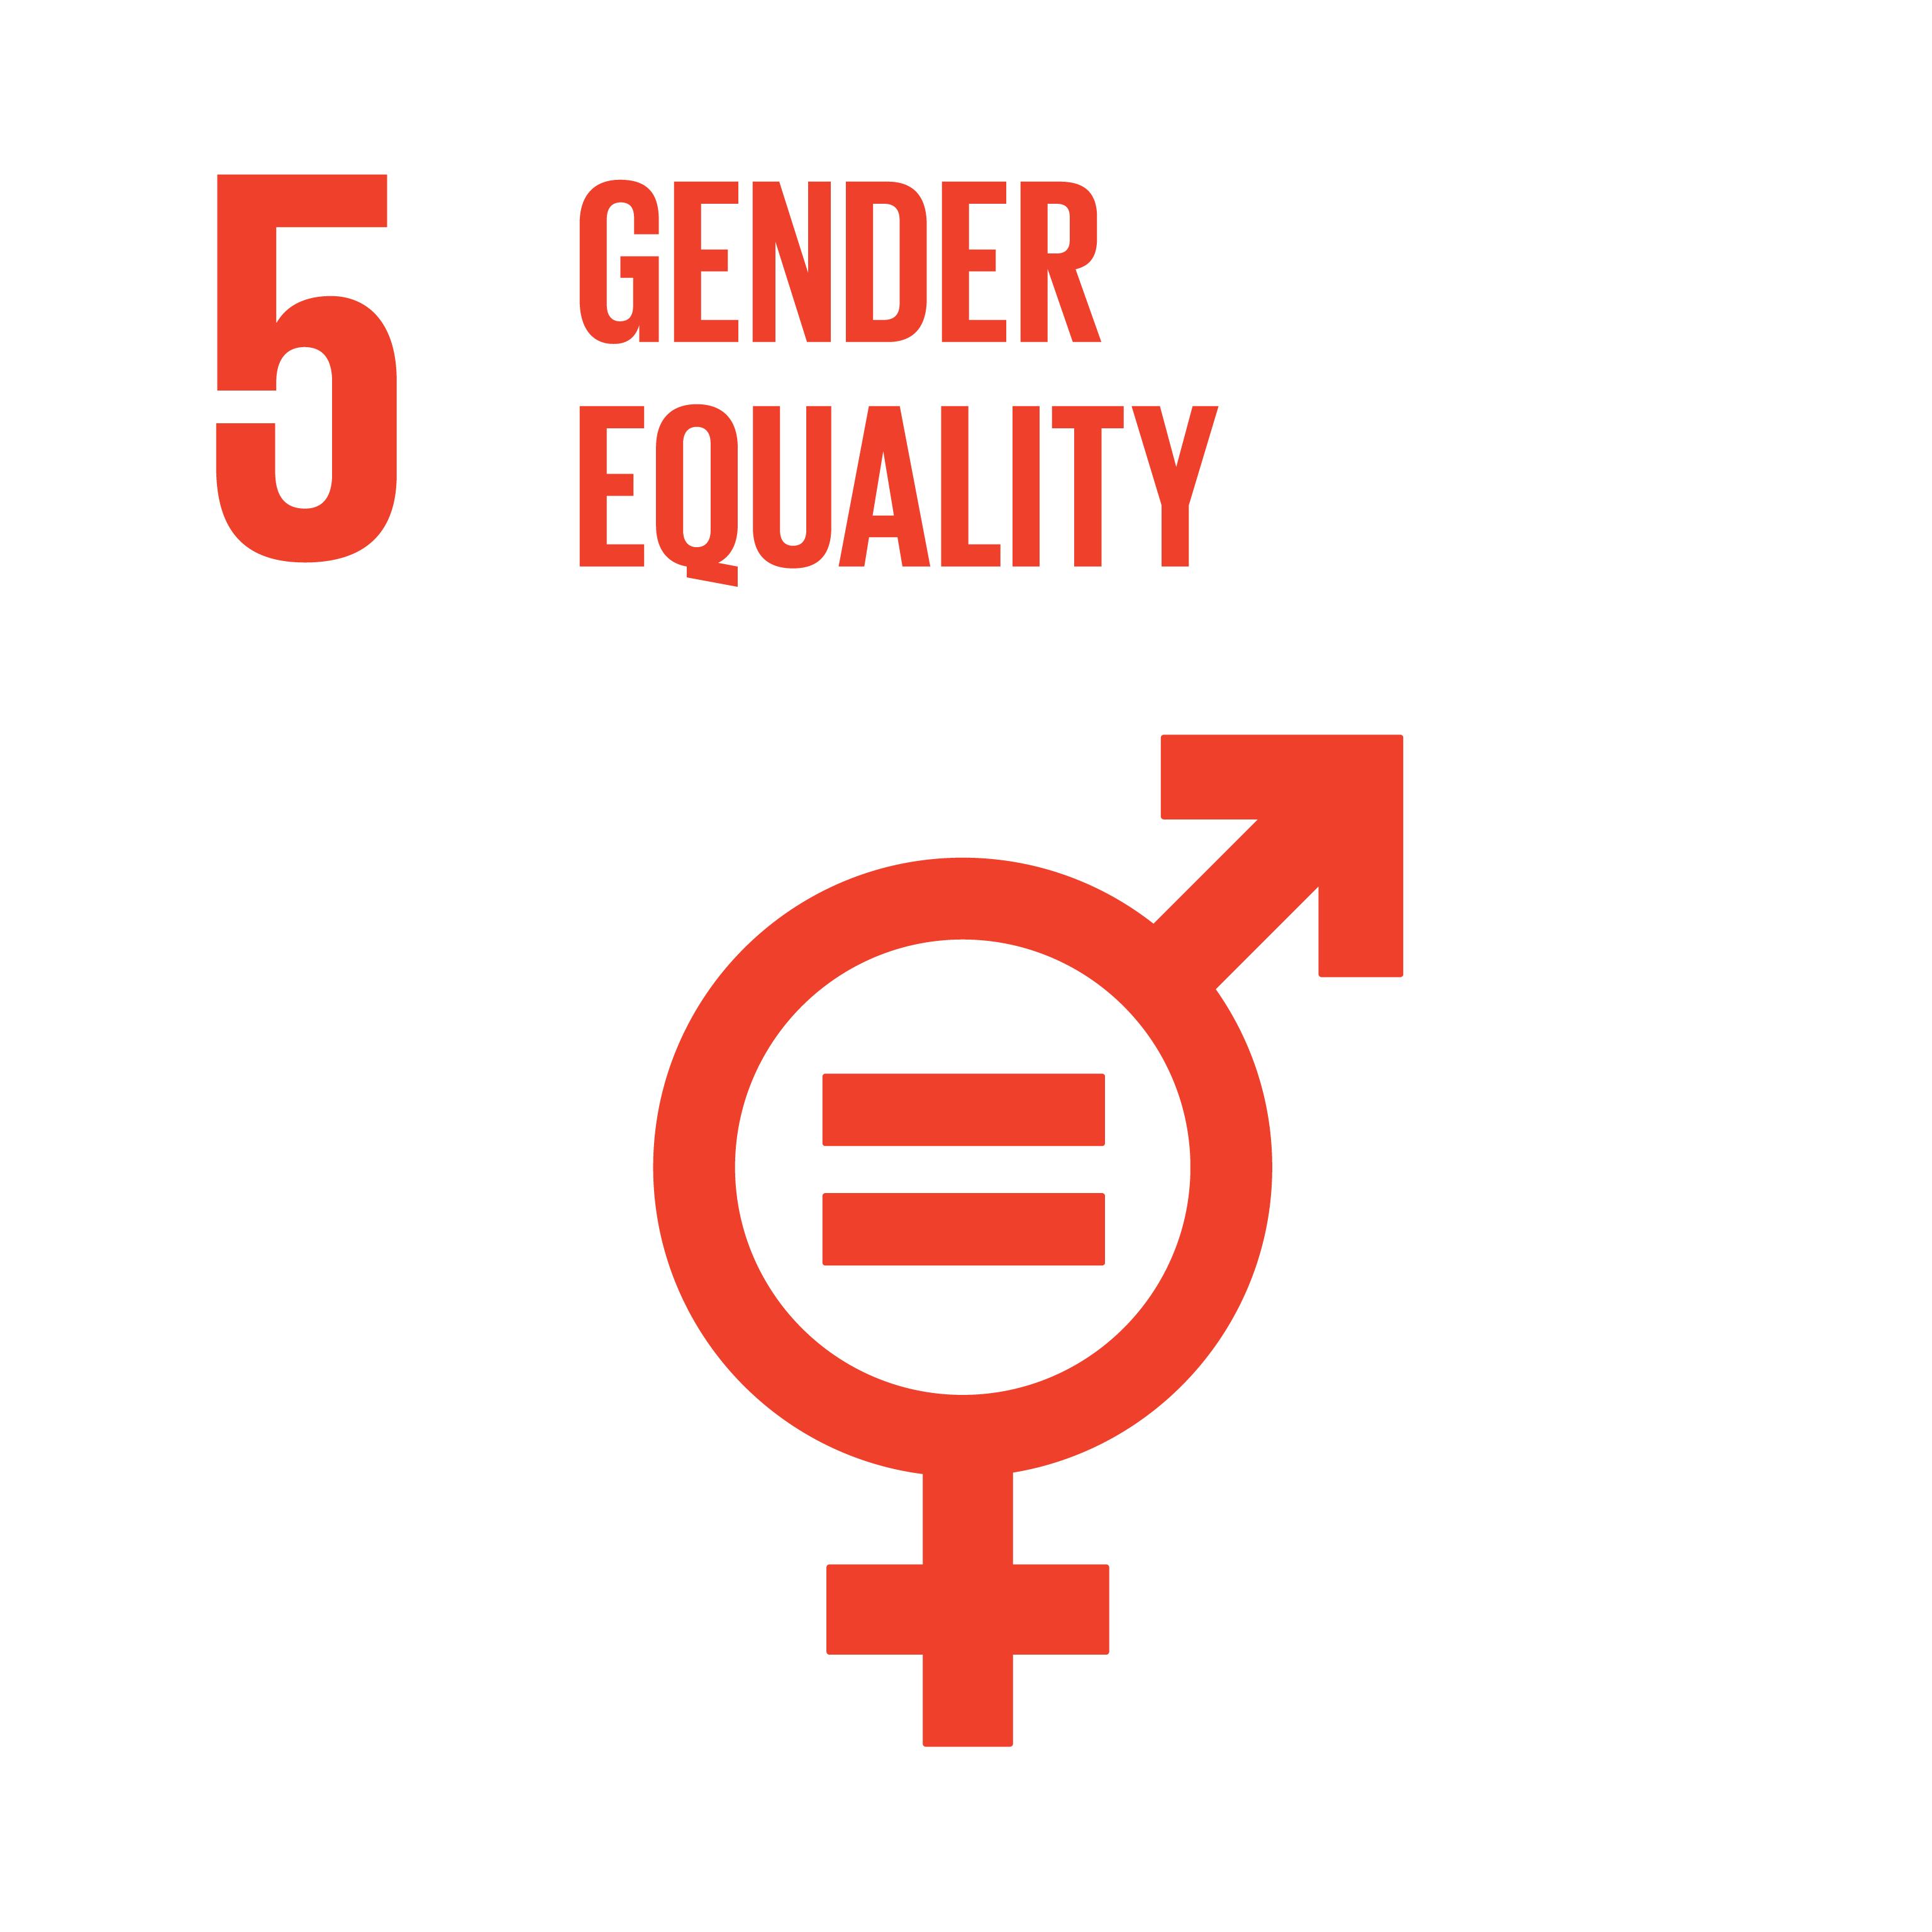 SDG05: Gender Equality